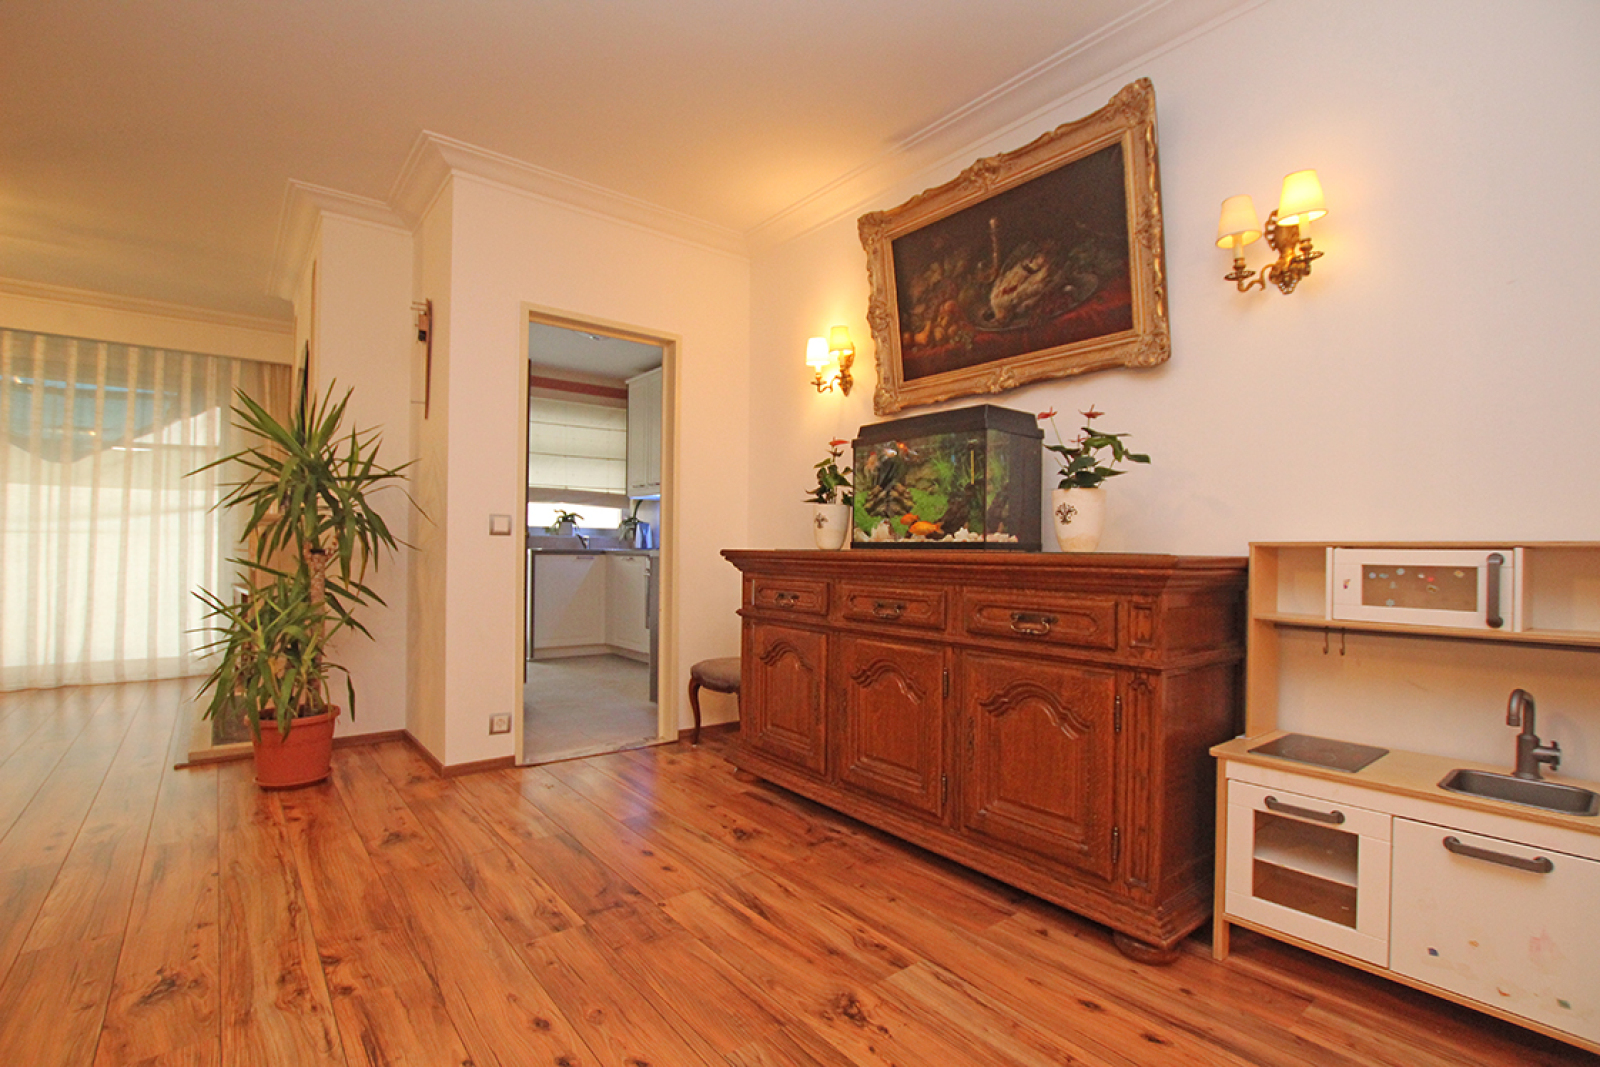 Prachtig en uiterst verzorgd appartement op de eerste verdieping afbeelding 4